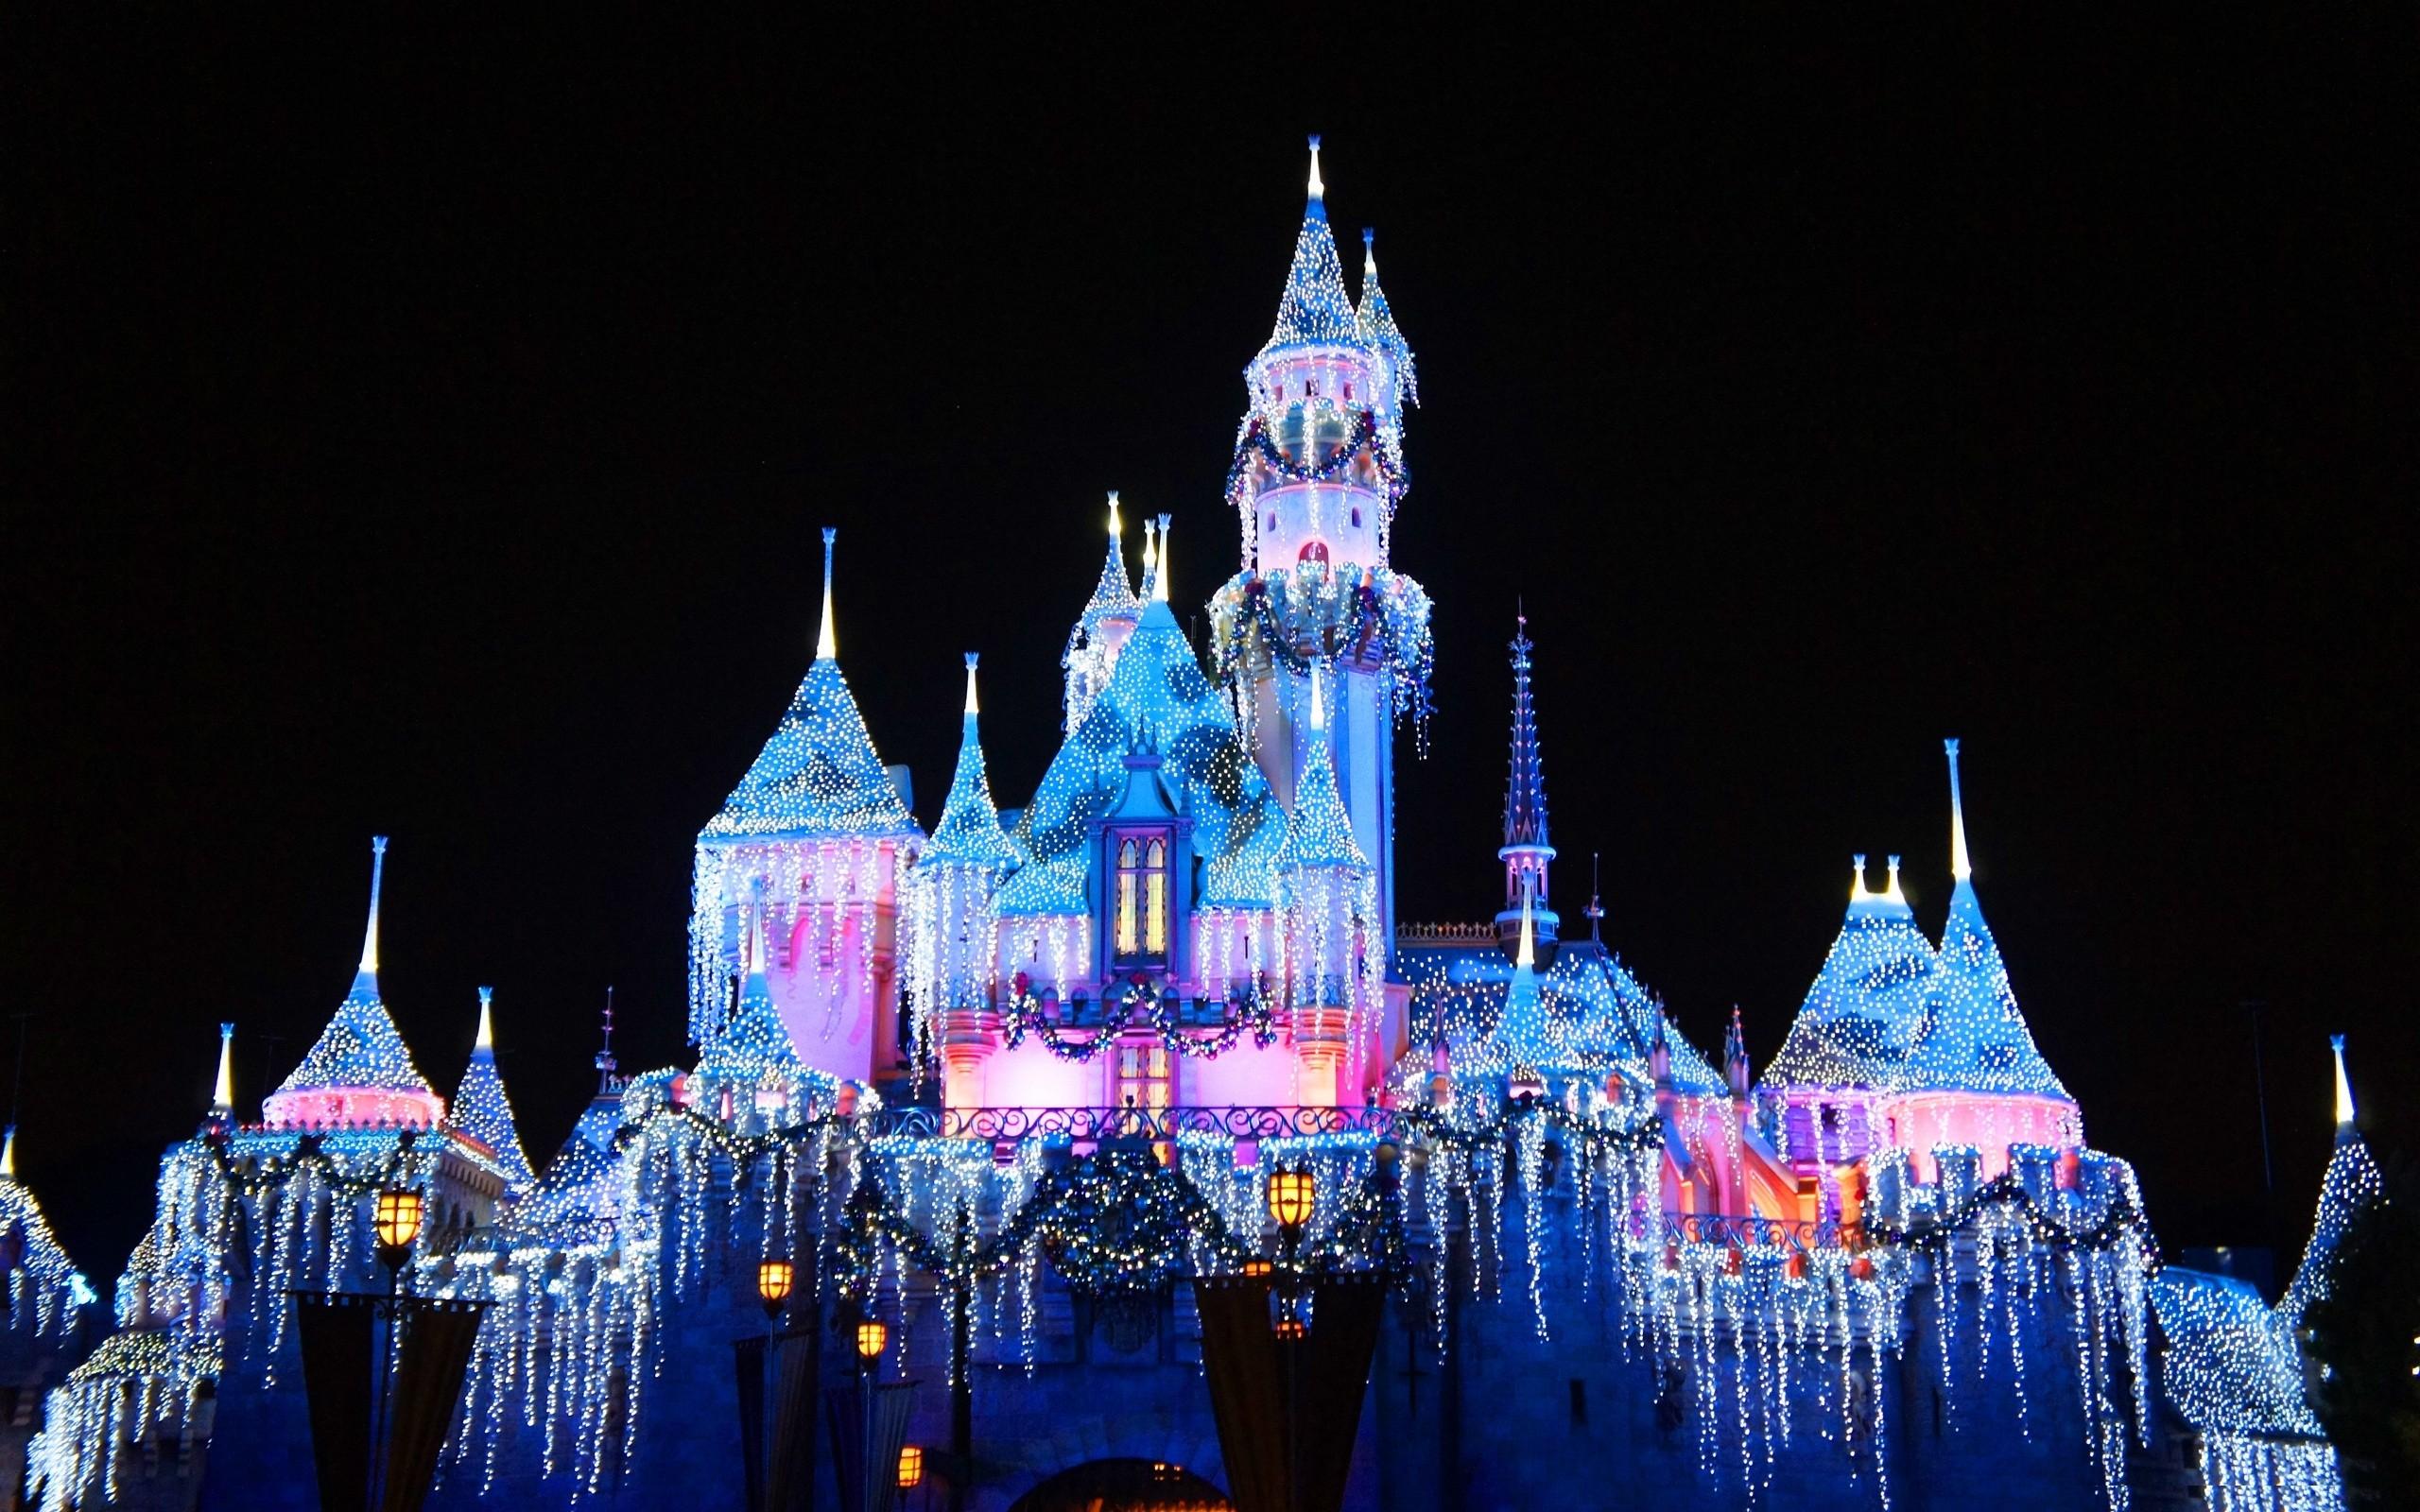 Sorties, concerts, expos, parcs, ect.... à partager - Page 2 Disney-castle